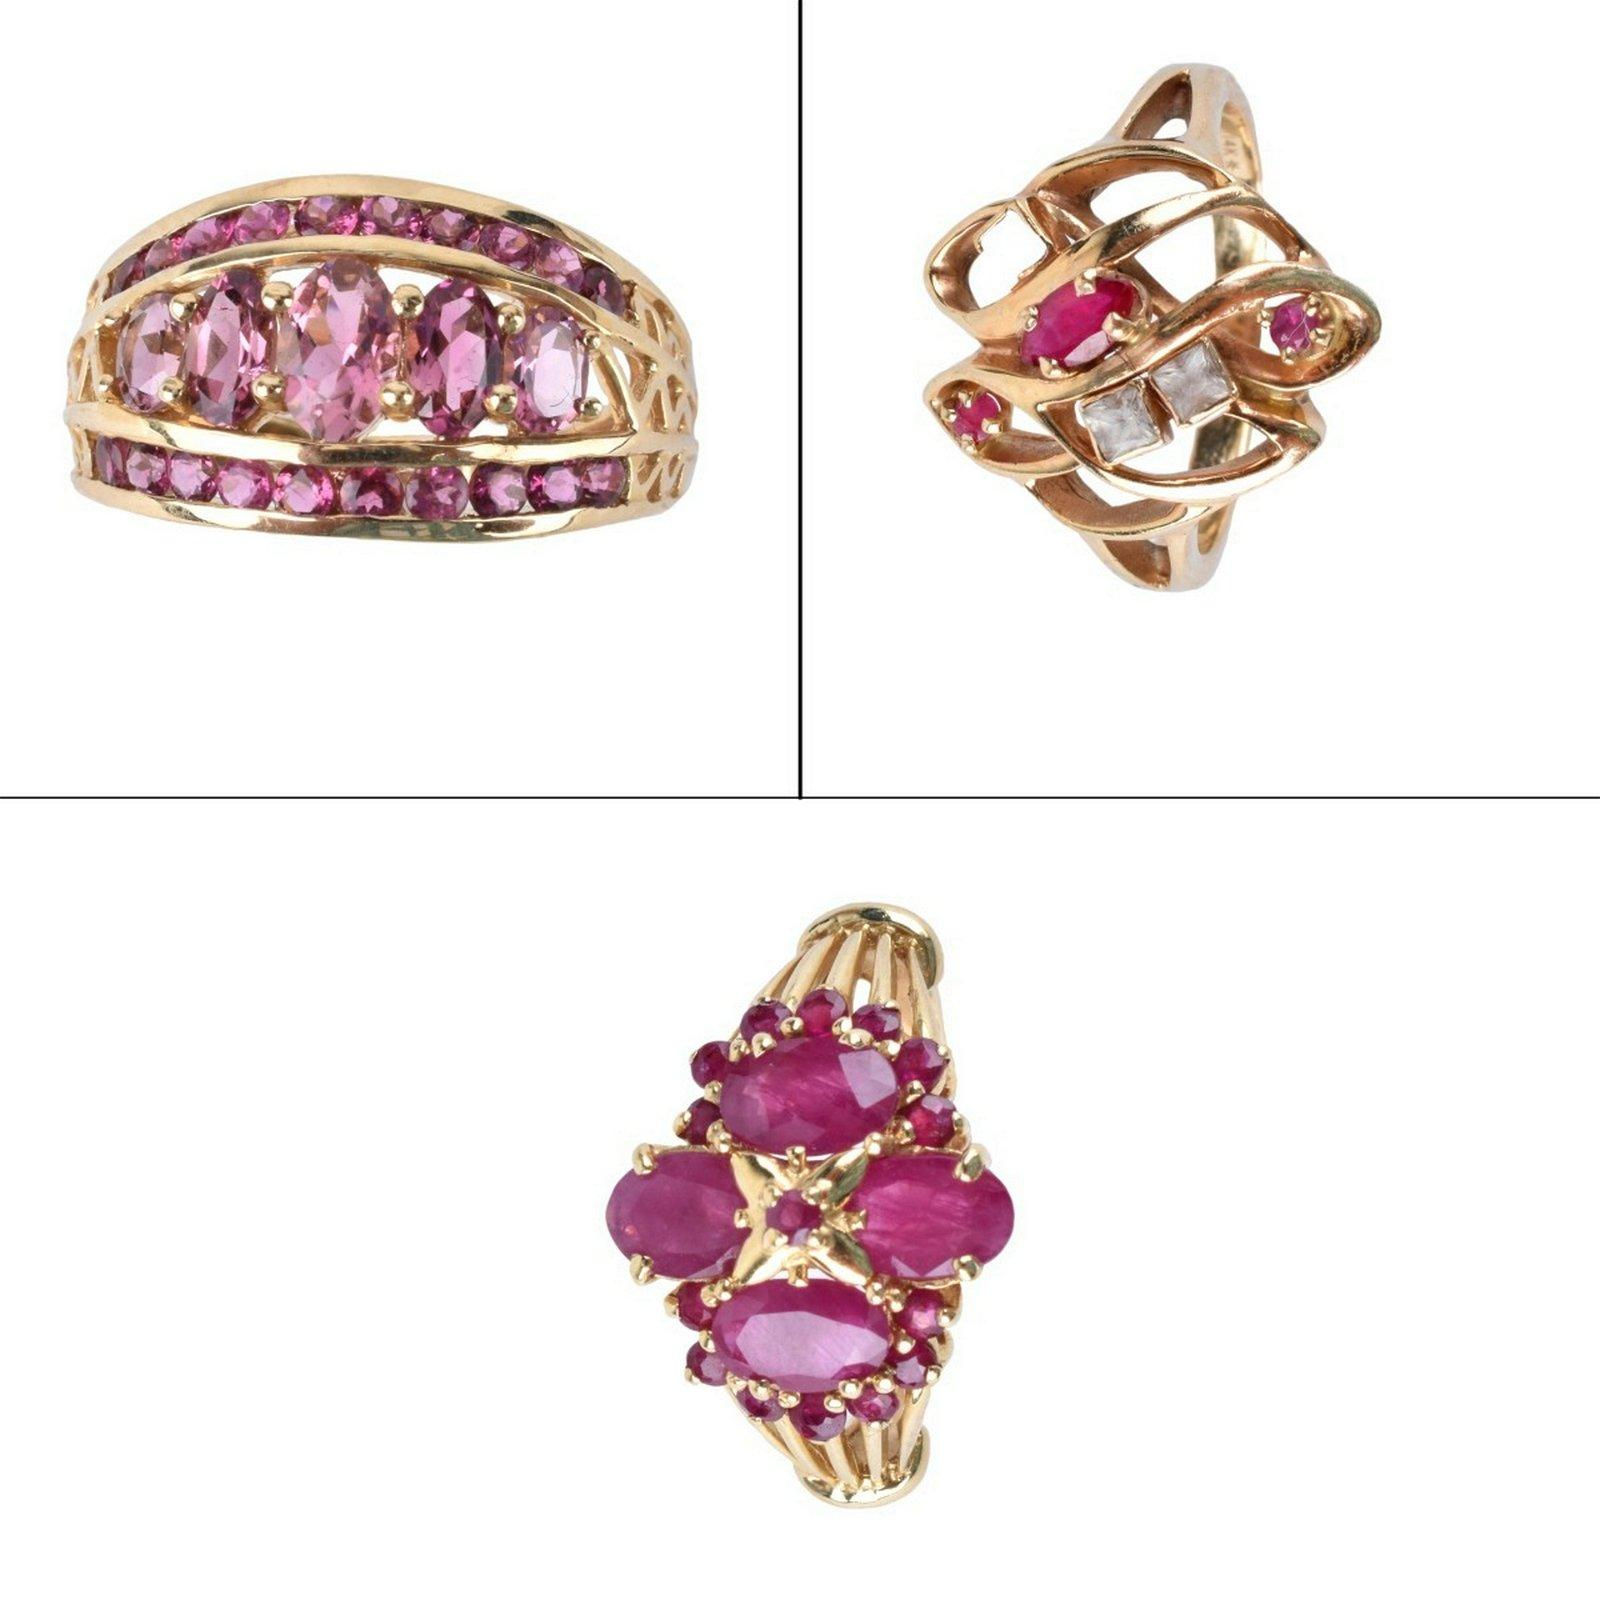 Three Vintage 14K and Gemstone Rings